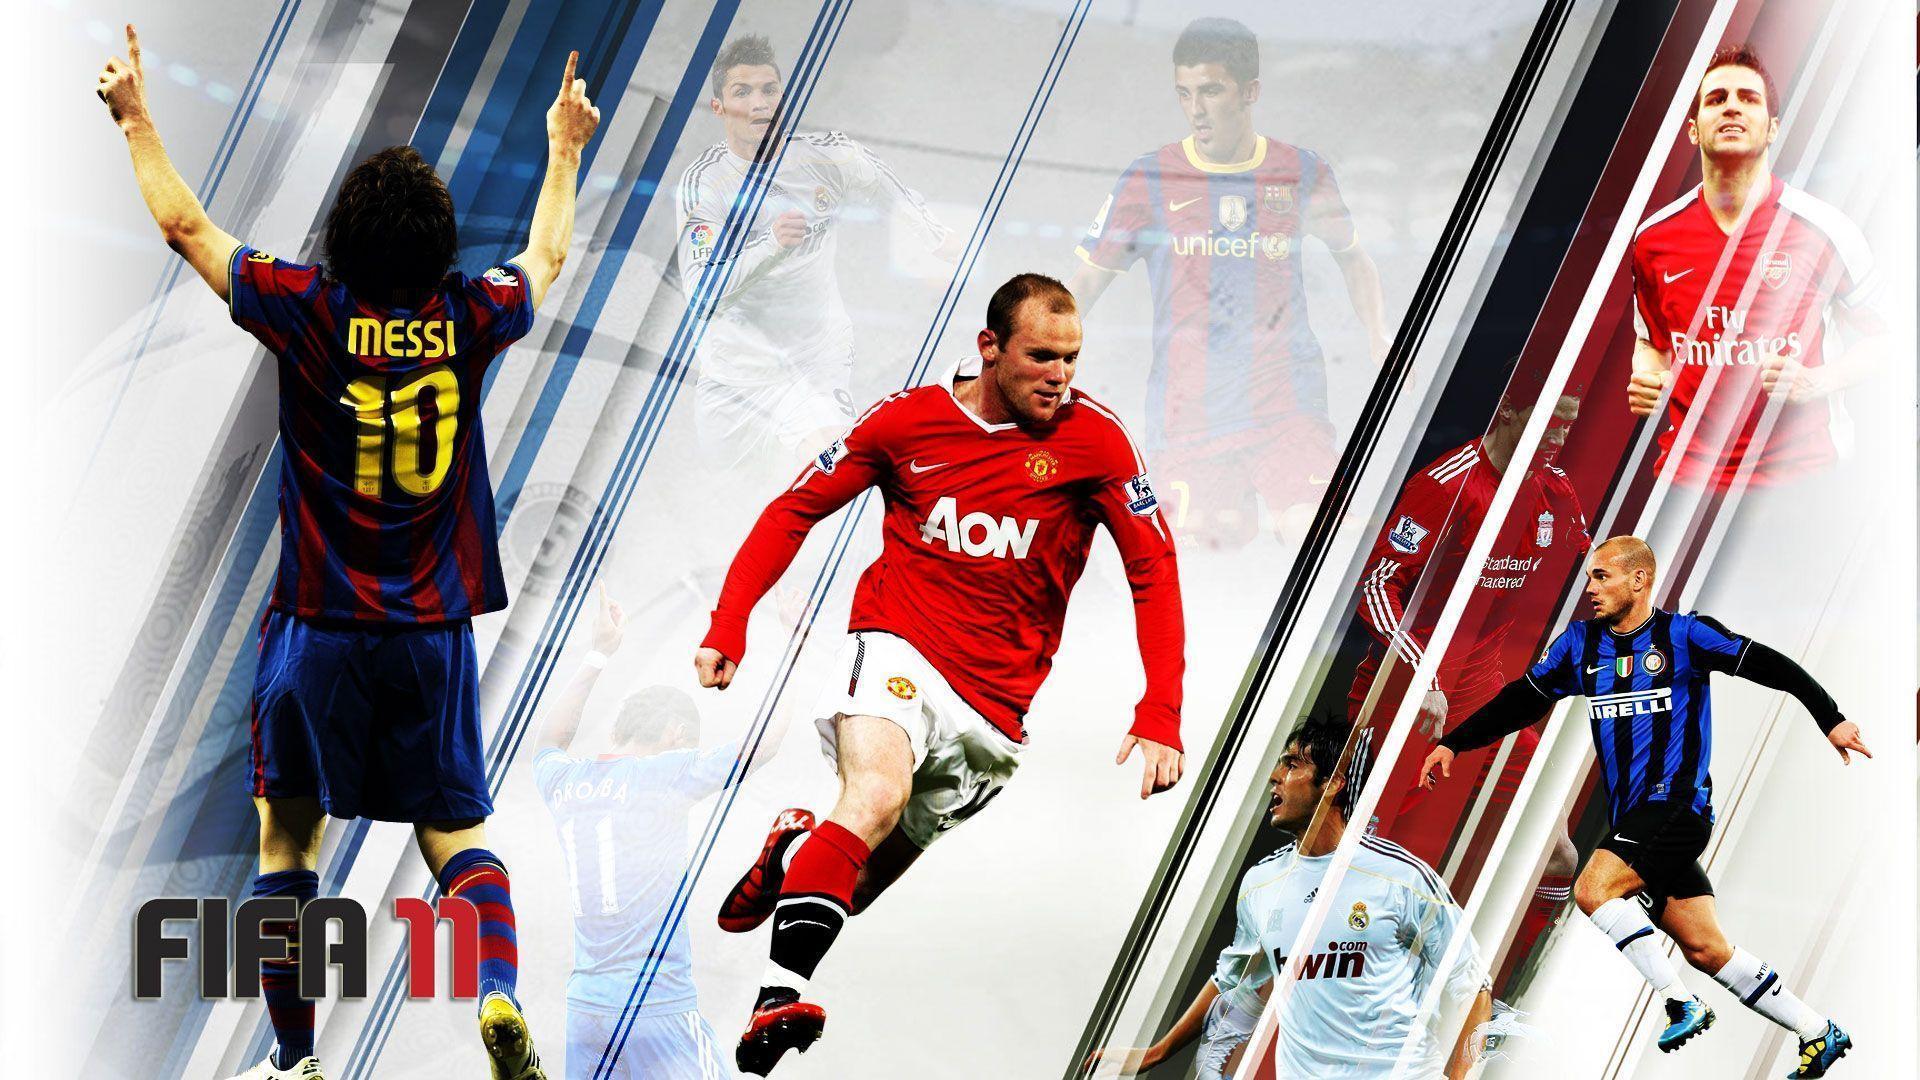 FIFA Soccer 11 Wallpaper 1920x1080